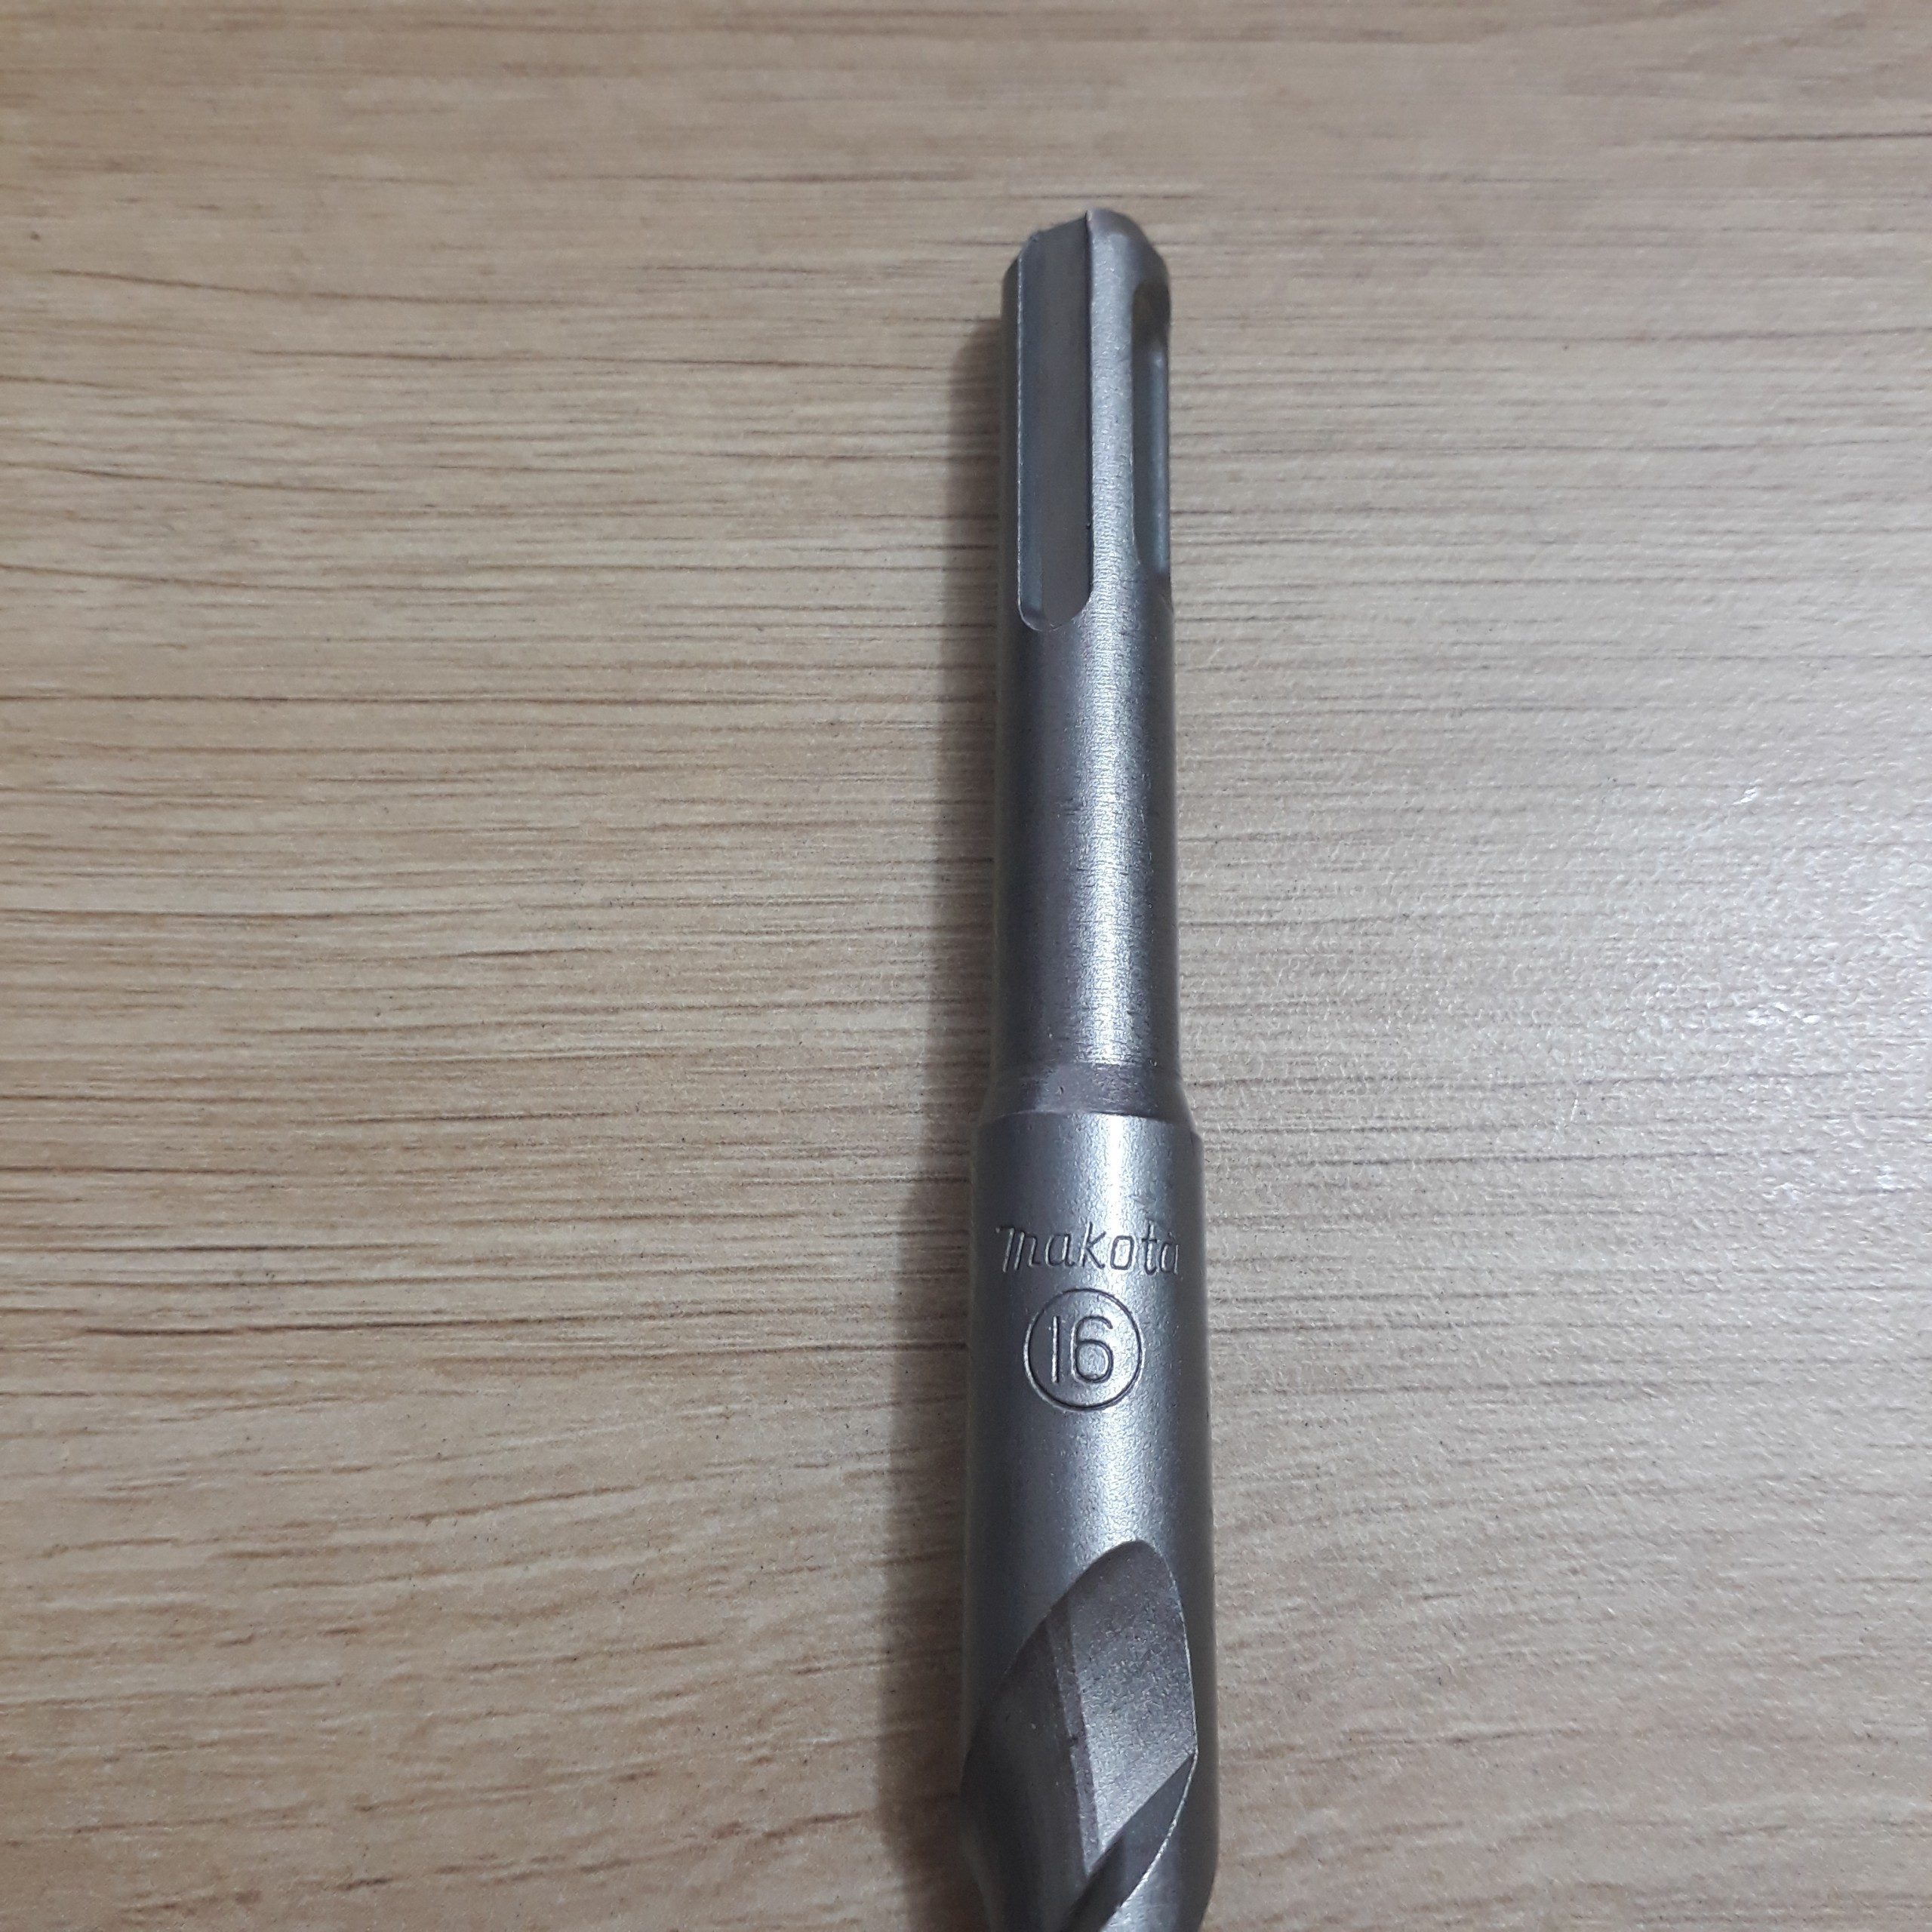 Mũi khoan bê tông đuôi gài 1,5 tấc phi 16 Makita  Makita   Giá rẻ nhất - Công Ty TNHH Thương Mại Dịch Vụ Đạt Tâm